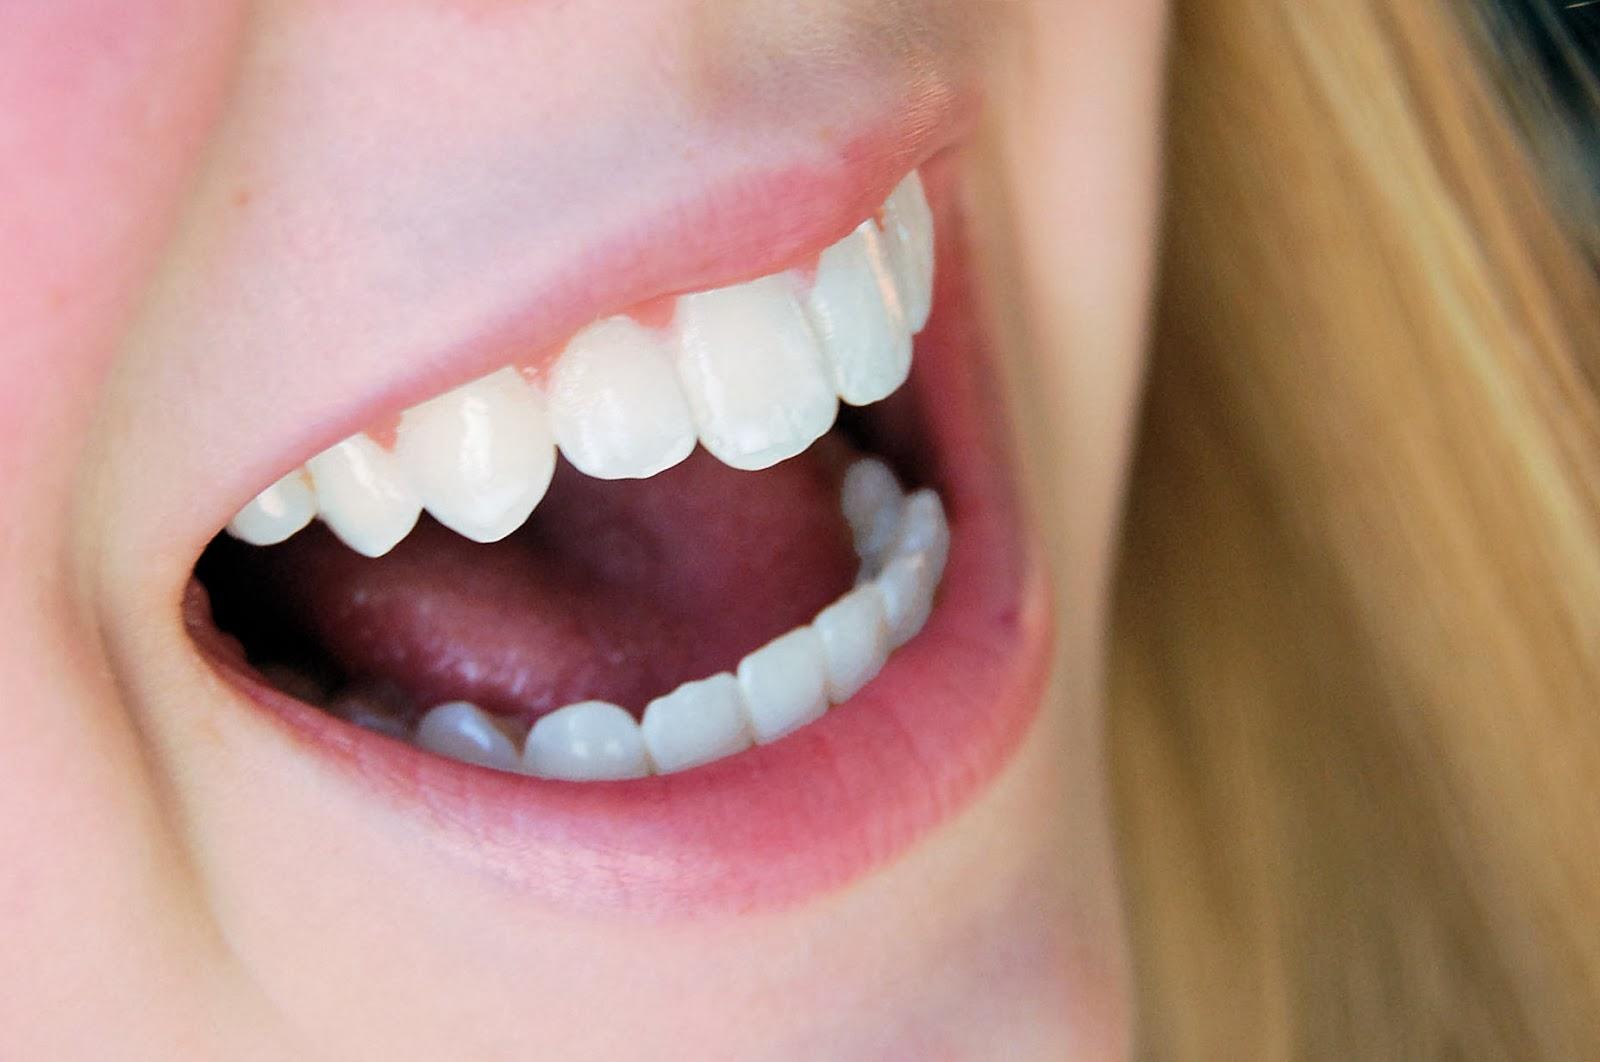 Dentes sem cárie com alimentos que melhoram a saúde da boca, combatem bactérias, a placa e limpam os dentes...